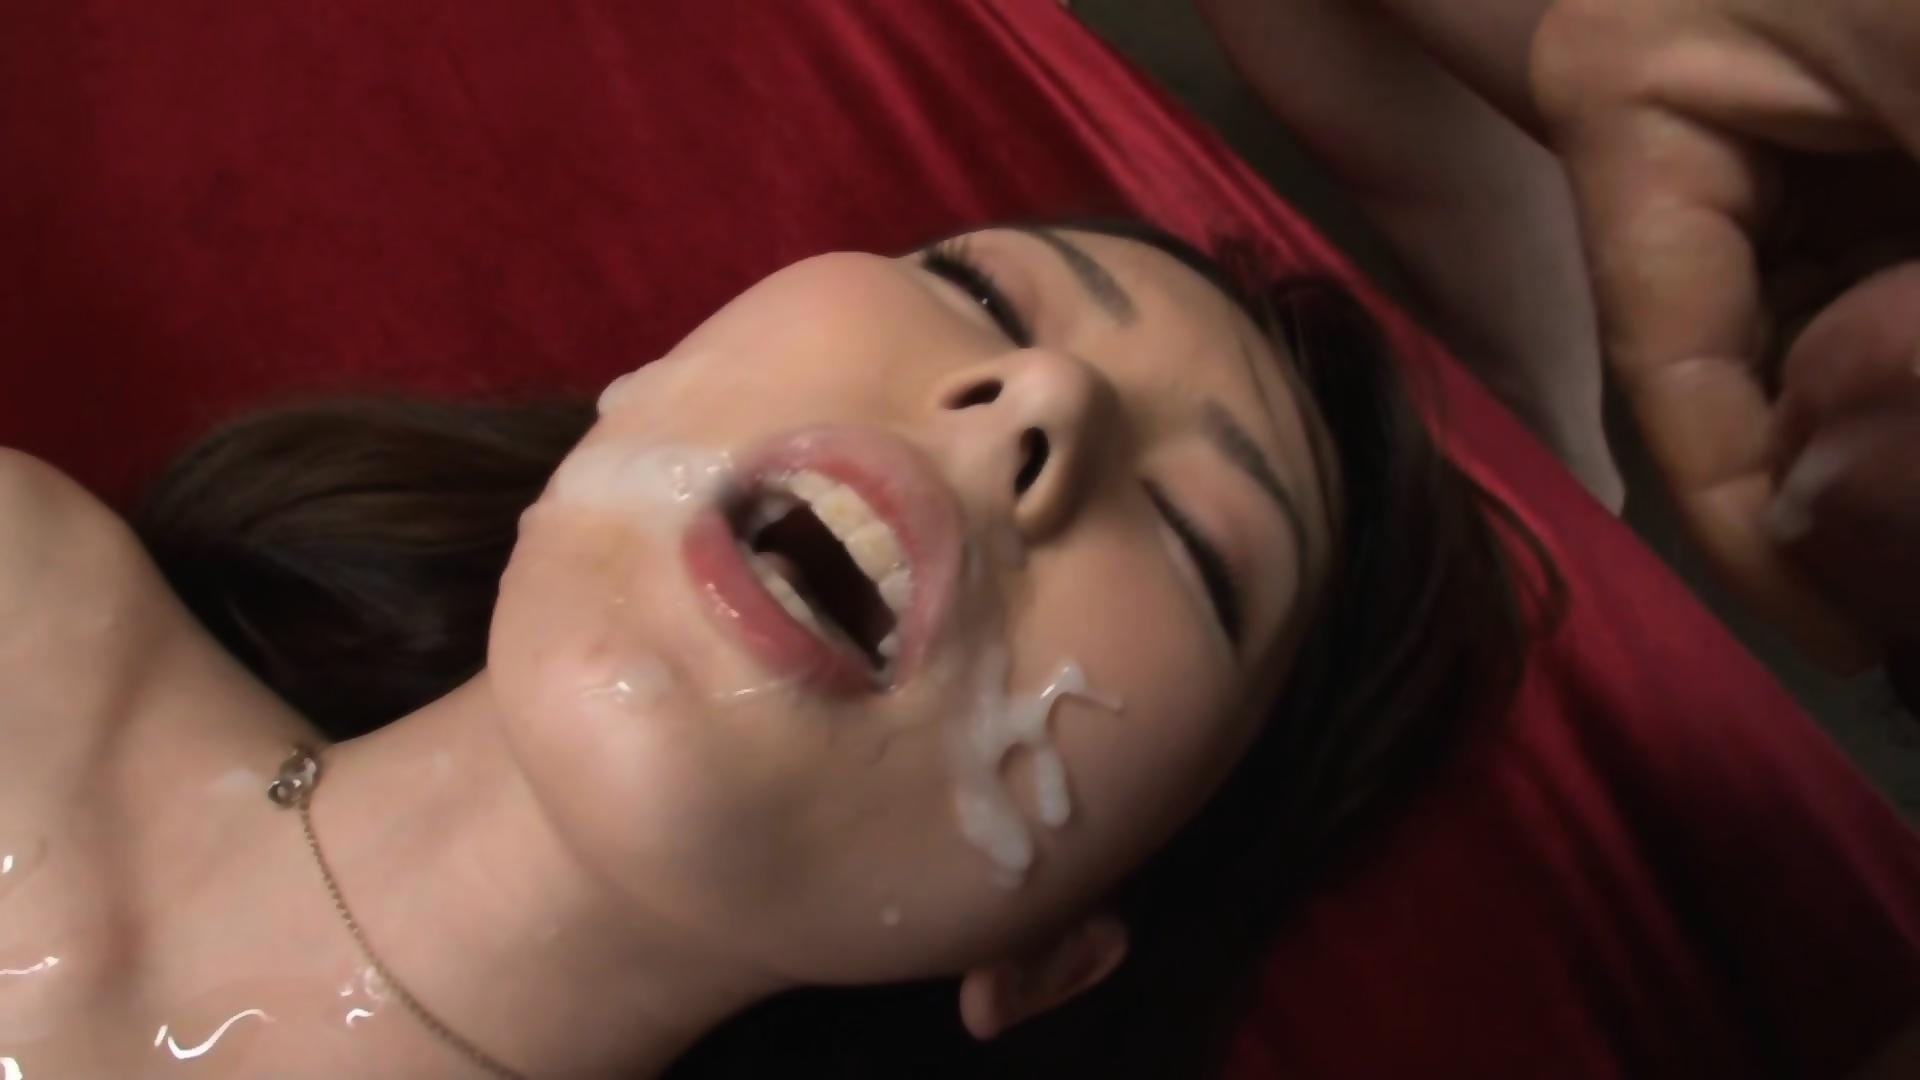 Martwe gwiazdy porno